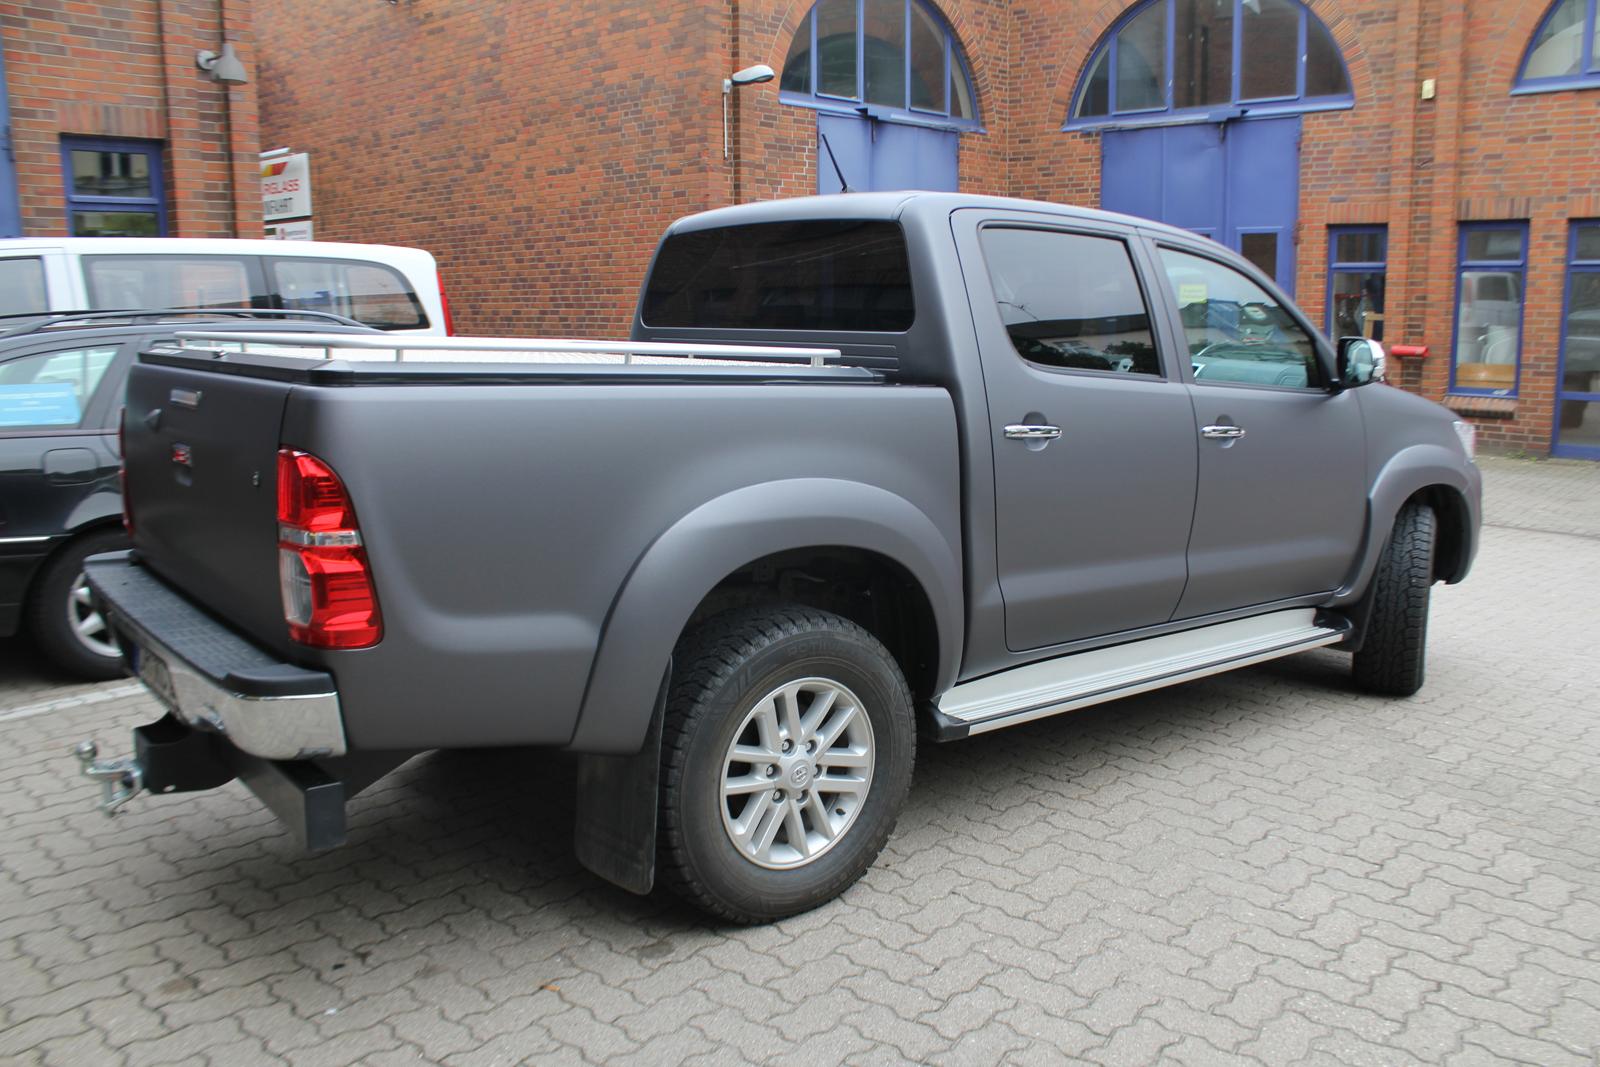 Toyota Hilux schräge Seitenaufnahme mit Folie in anthrazit metallic matt beklebt